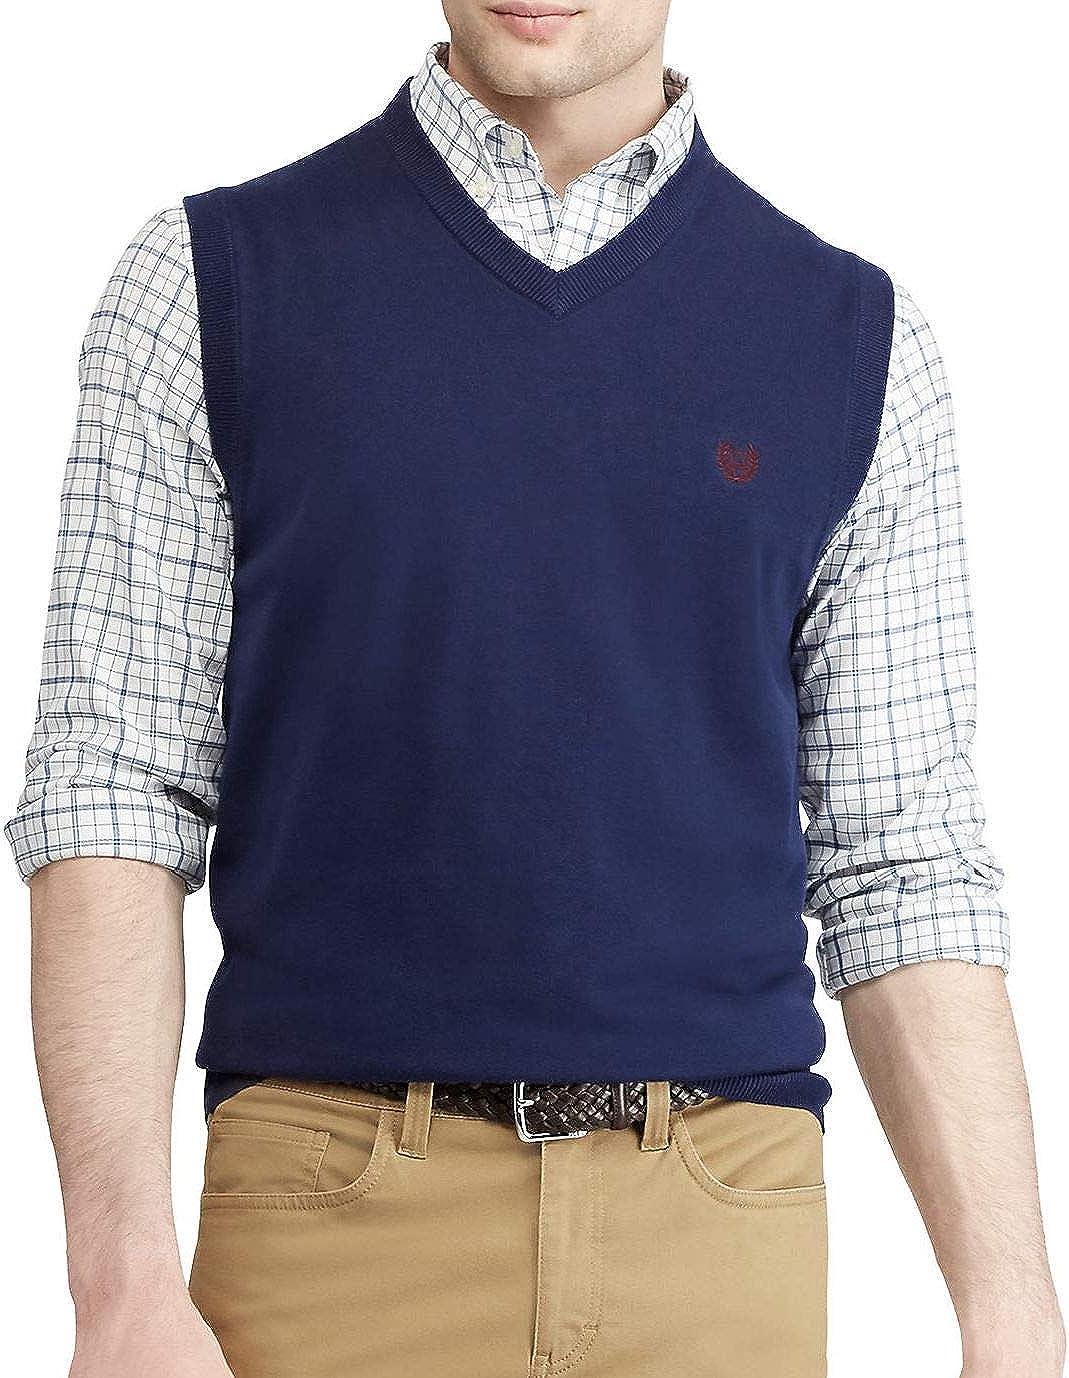 Chaps Men's Key Item Cotton V-Neck Sweater Vest